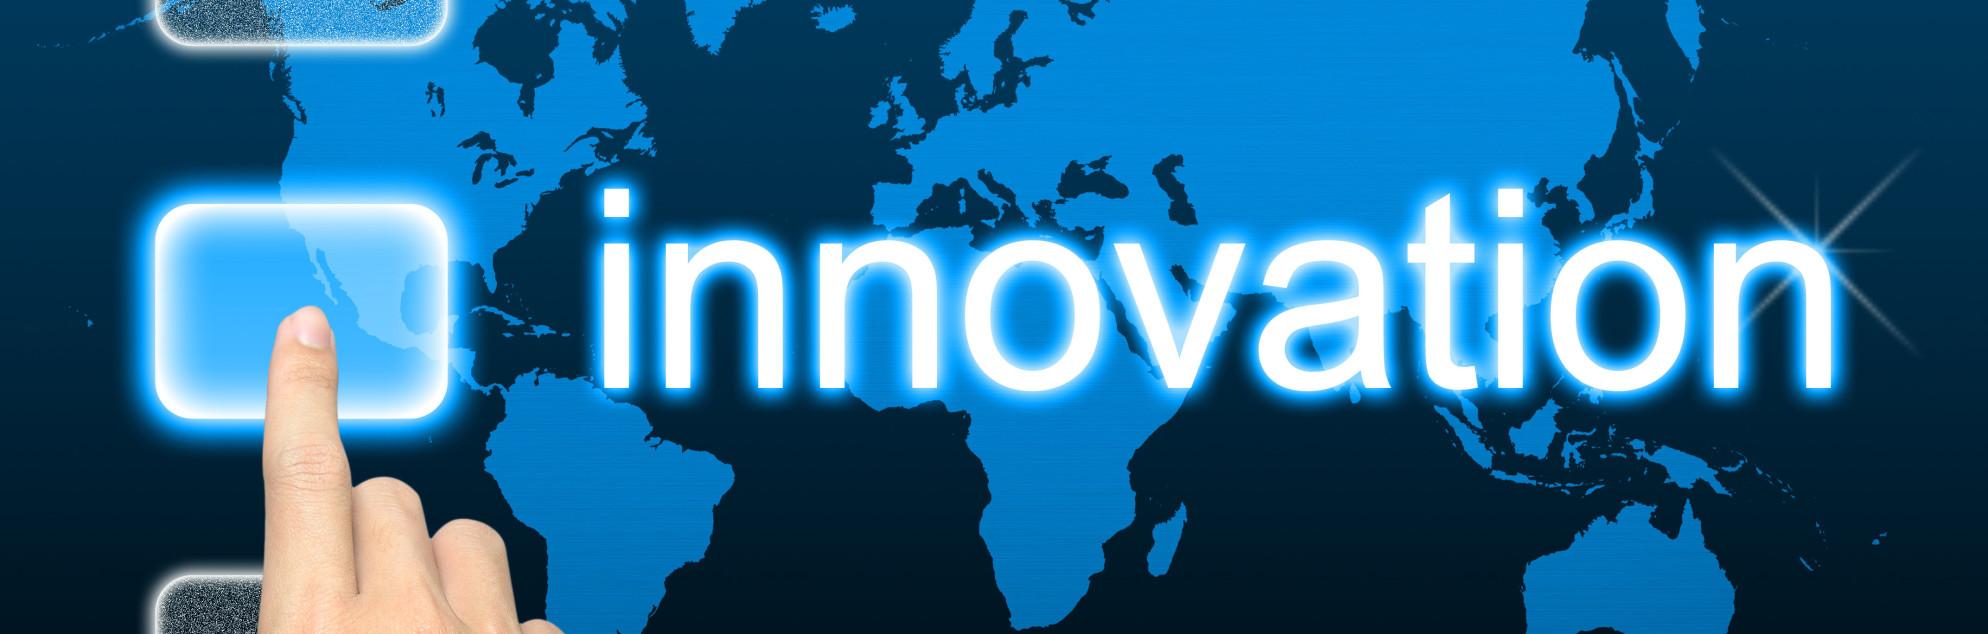 social-media-innovation